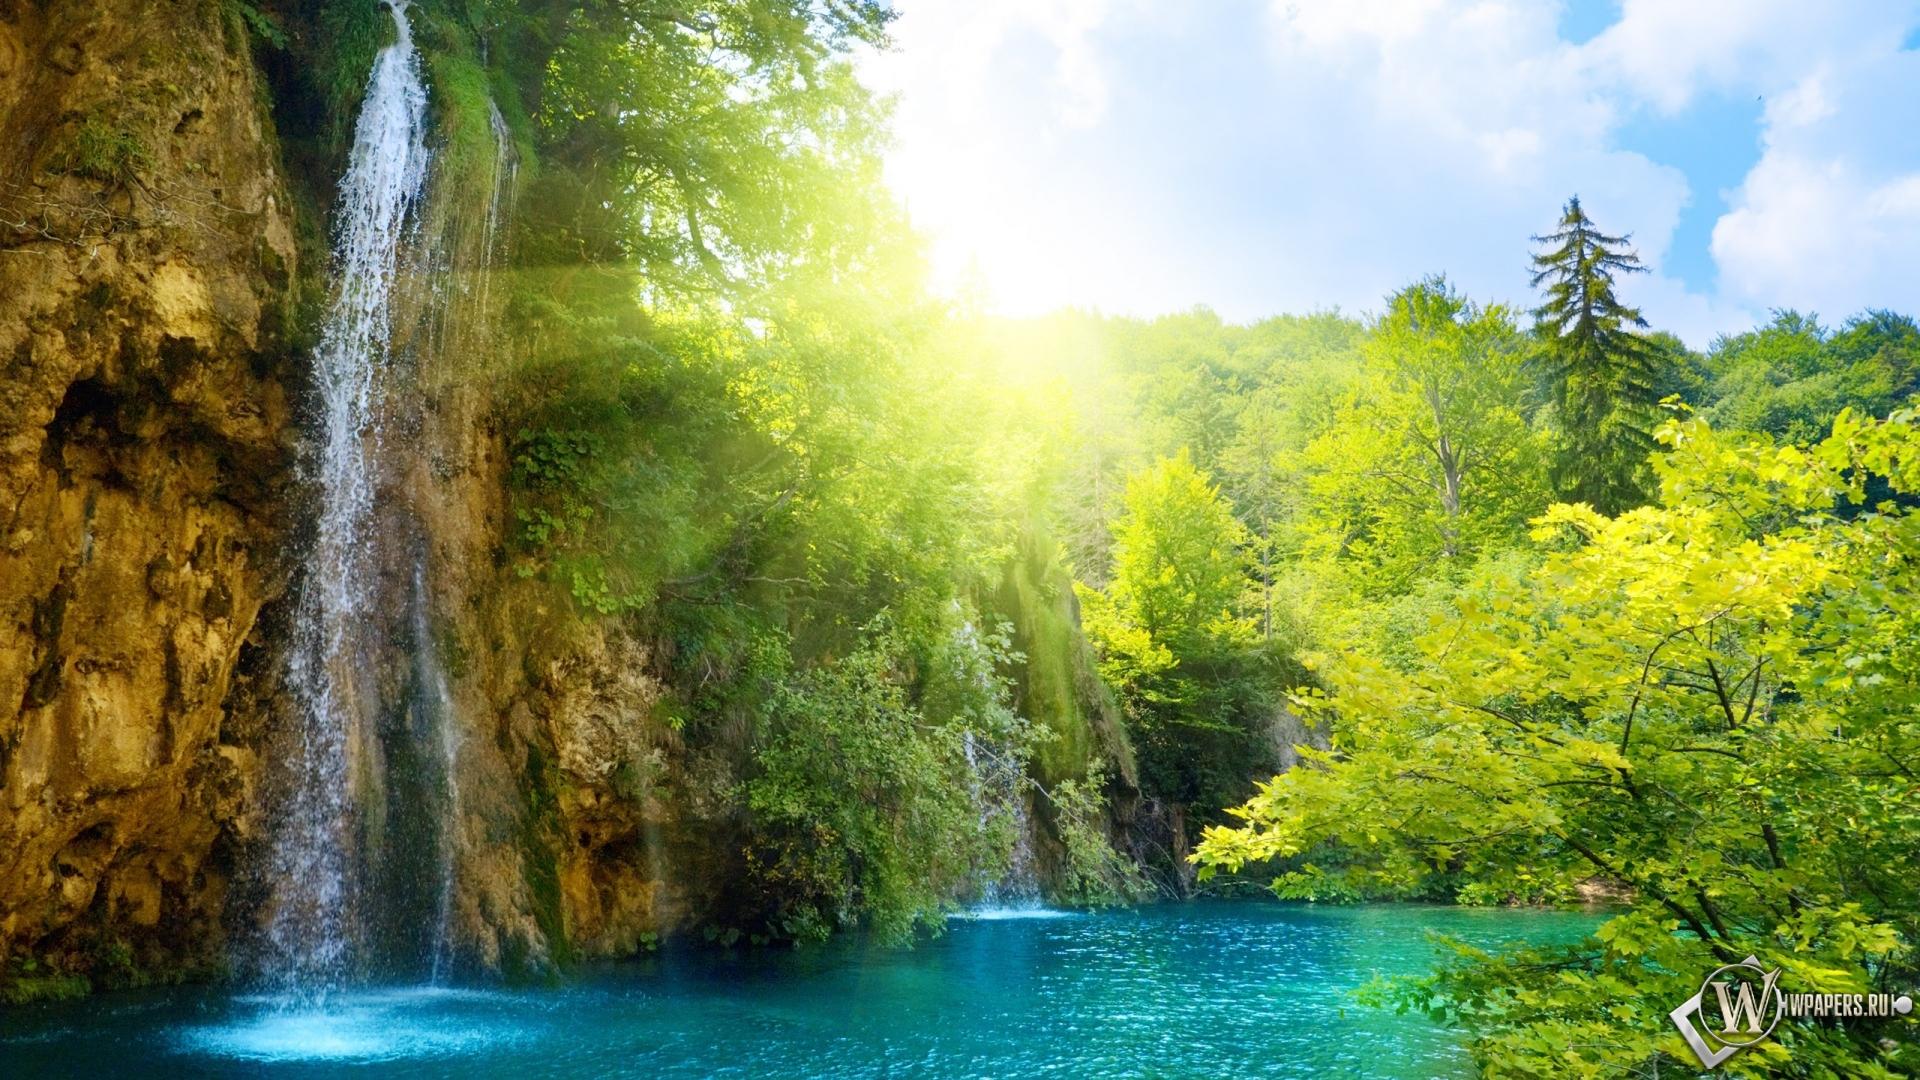 Обои солнечный водопад на рабочий